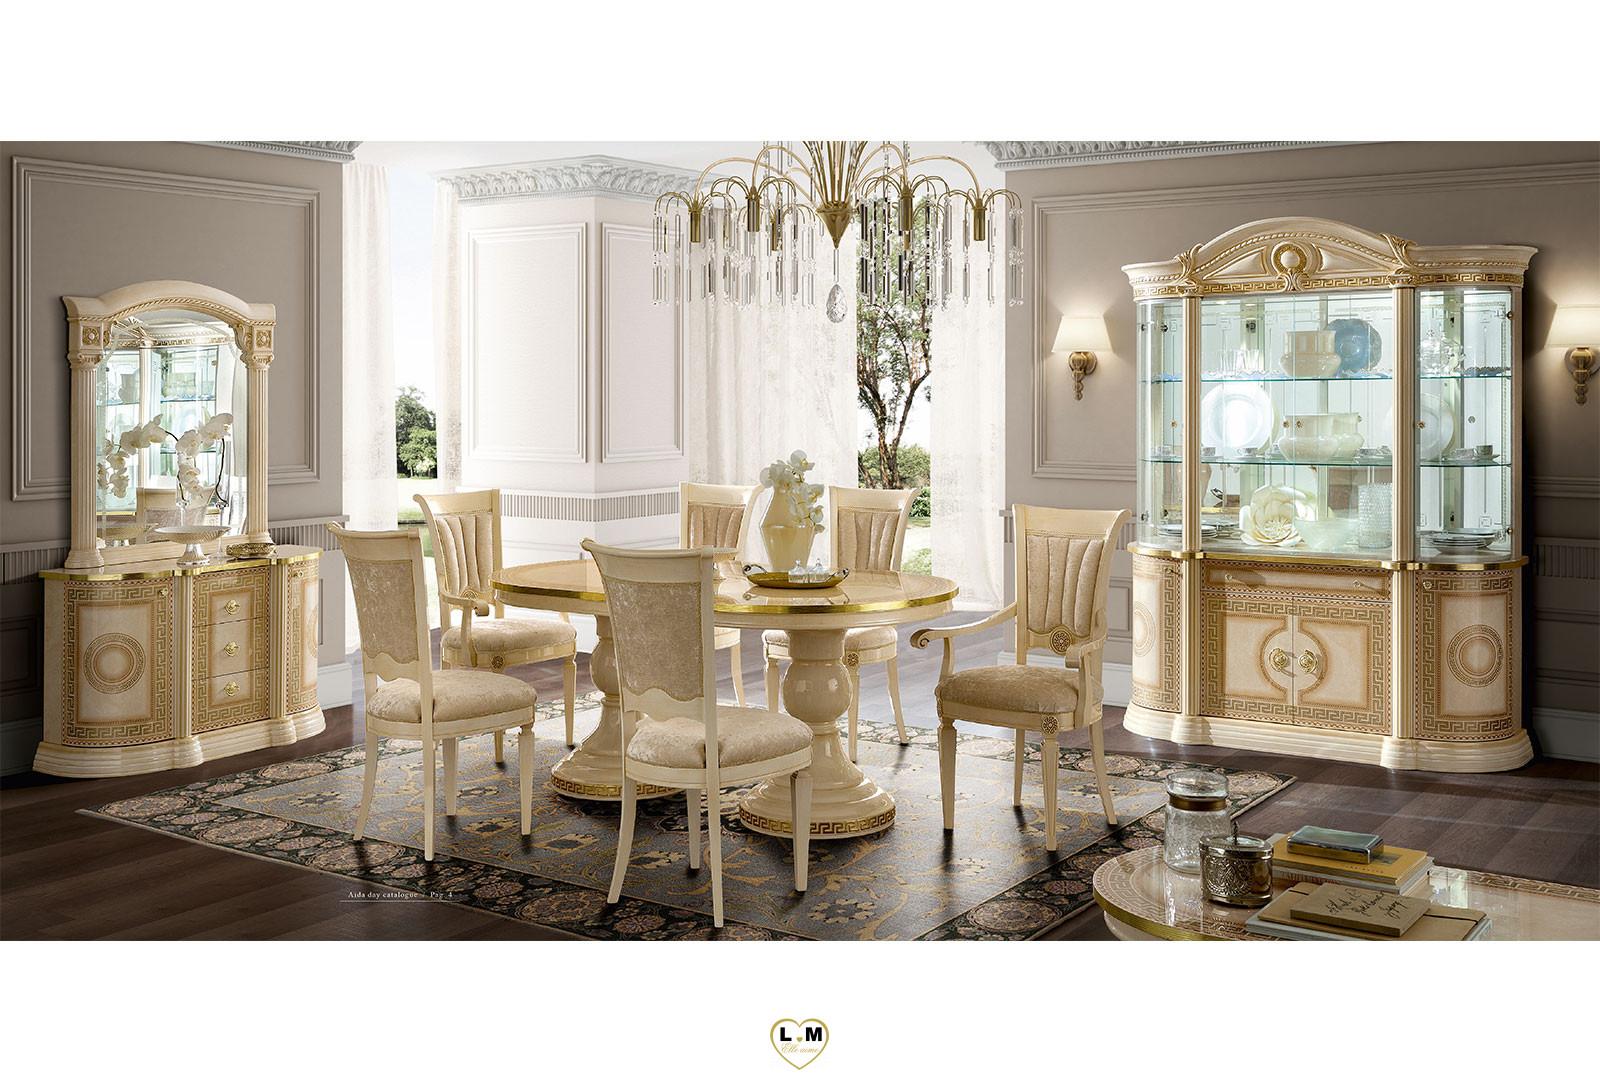 Caesar laque ivoire et dore ensemble sejour salle a manger for Sejour salle a manger pas cher